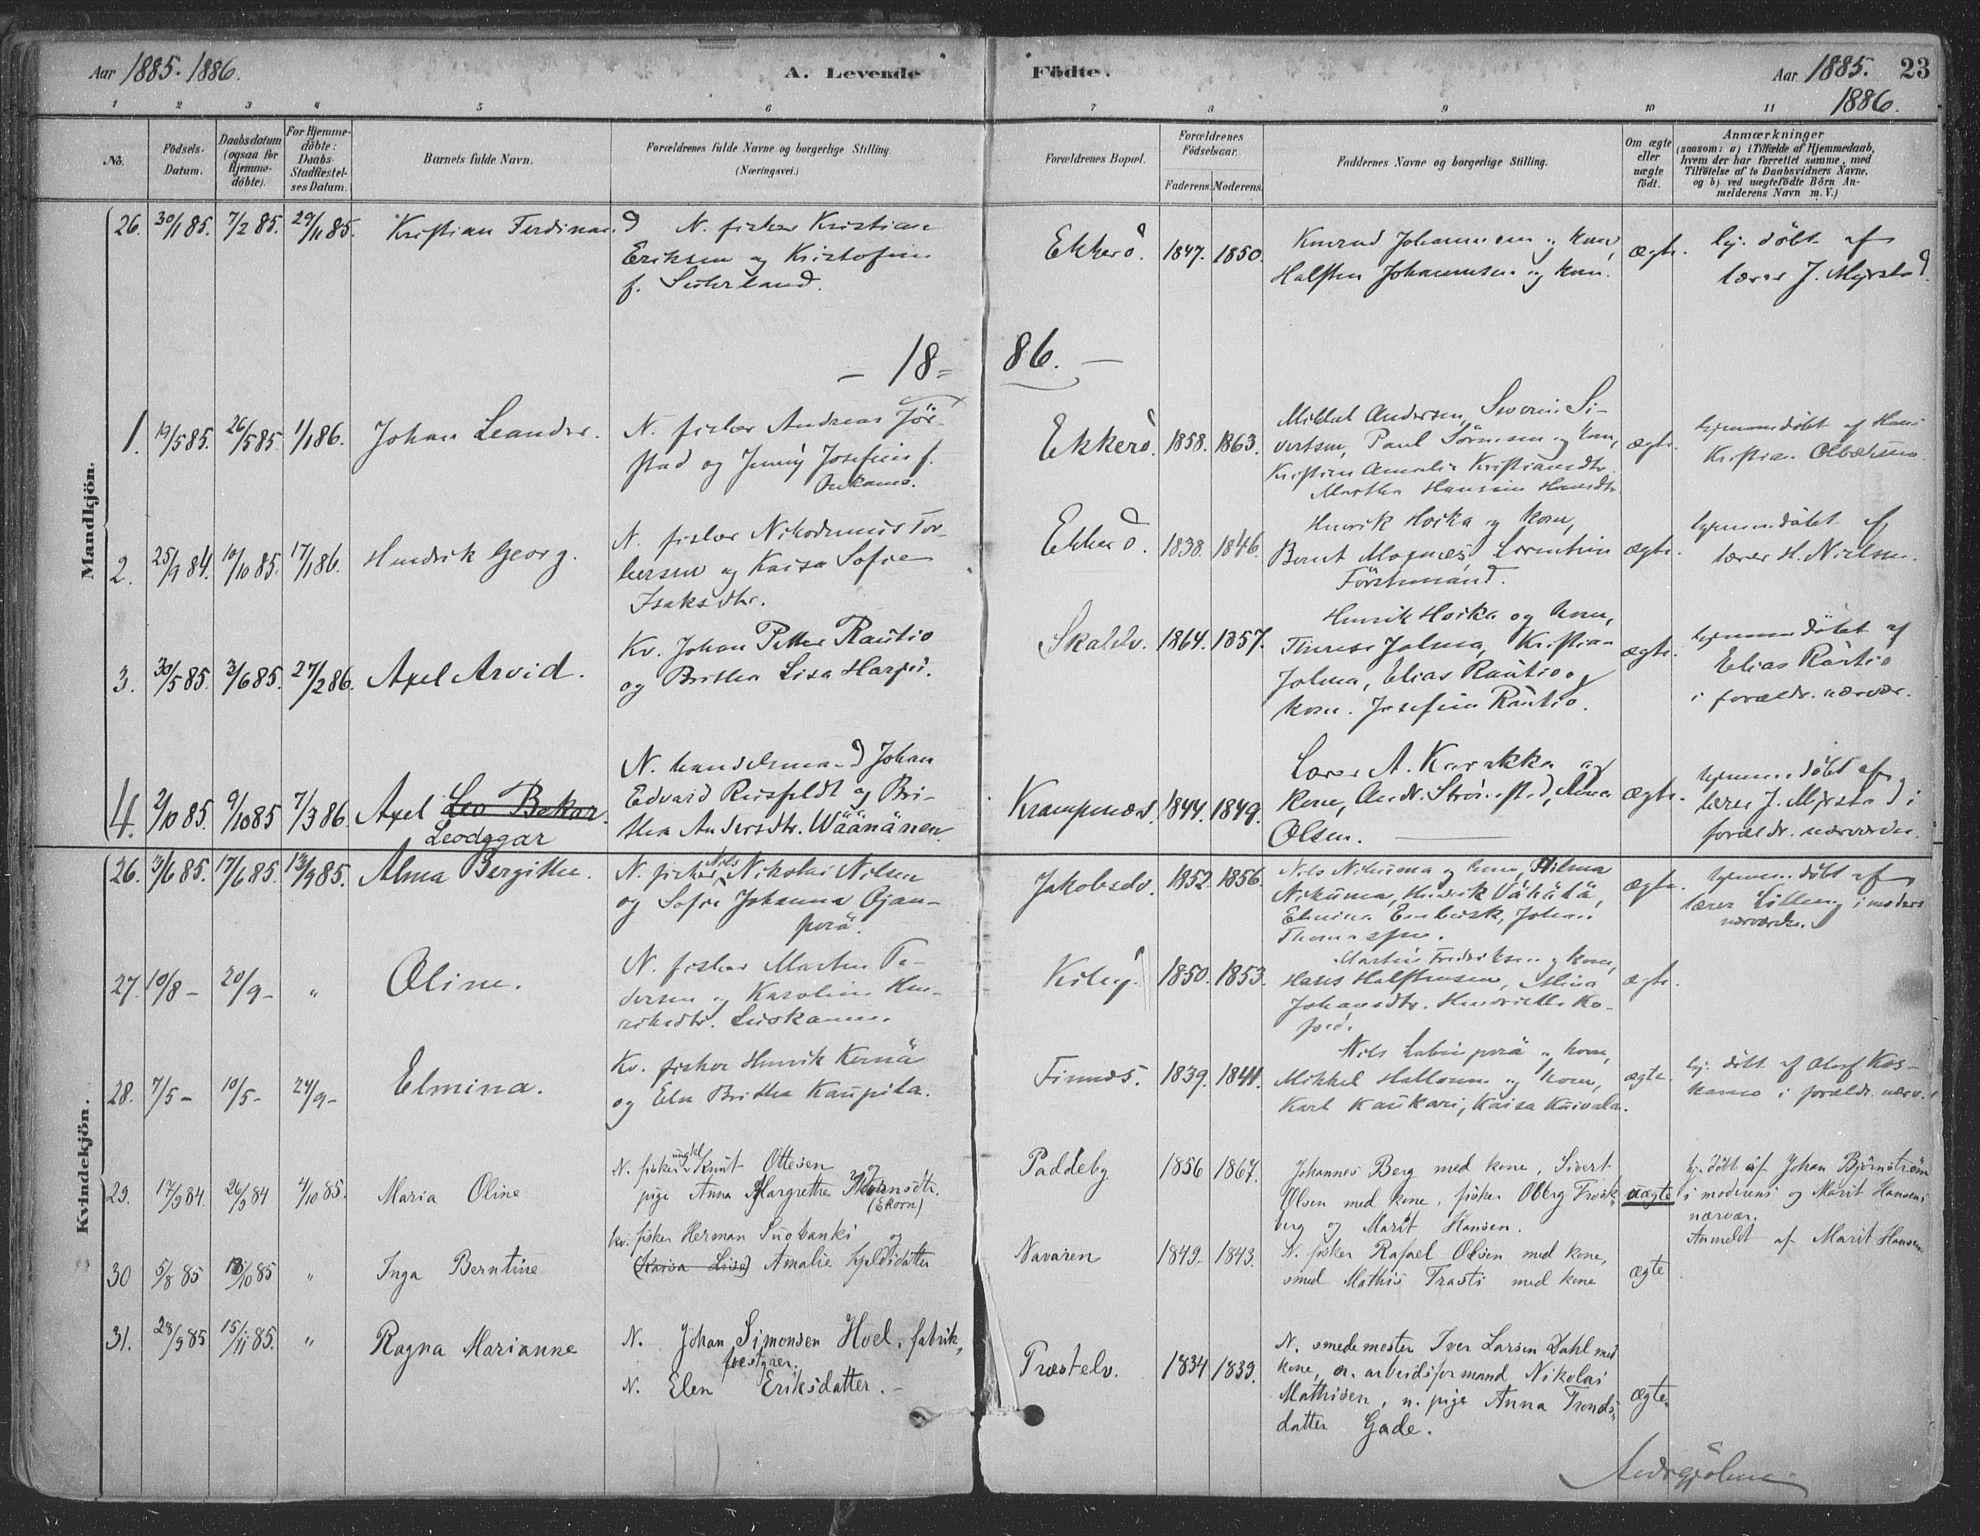 SATØ, Vadsø sokneprestkontor, H/Ha/L0009kirke: Ministerialbok nr. 9, 1881-1917, s. 23